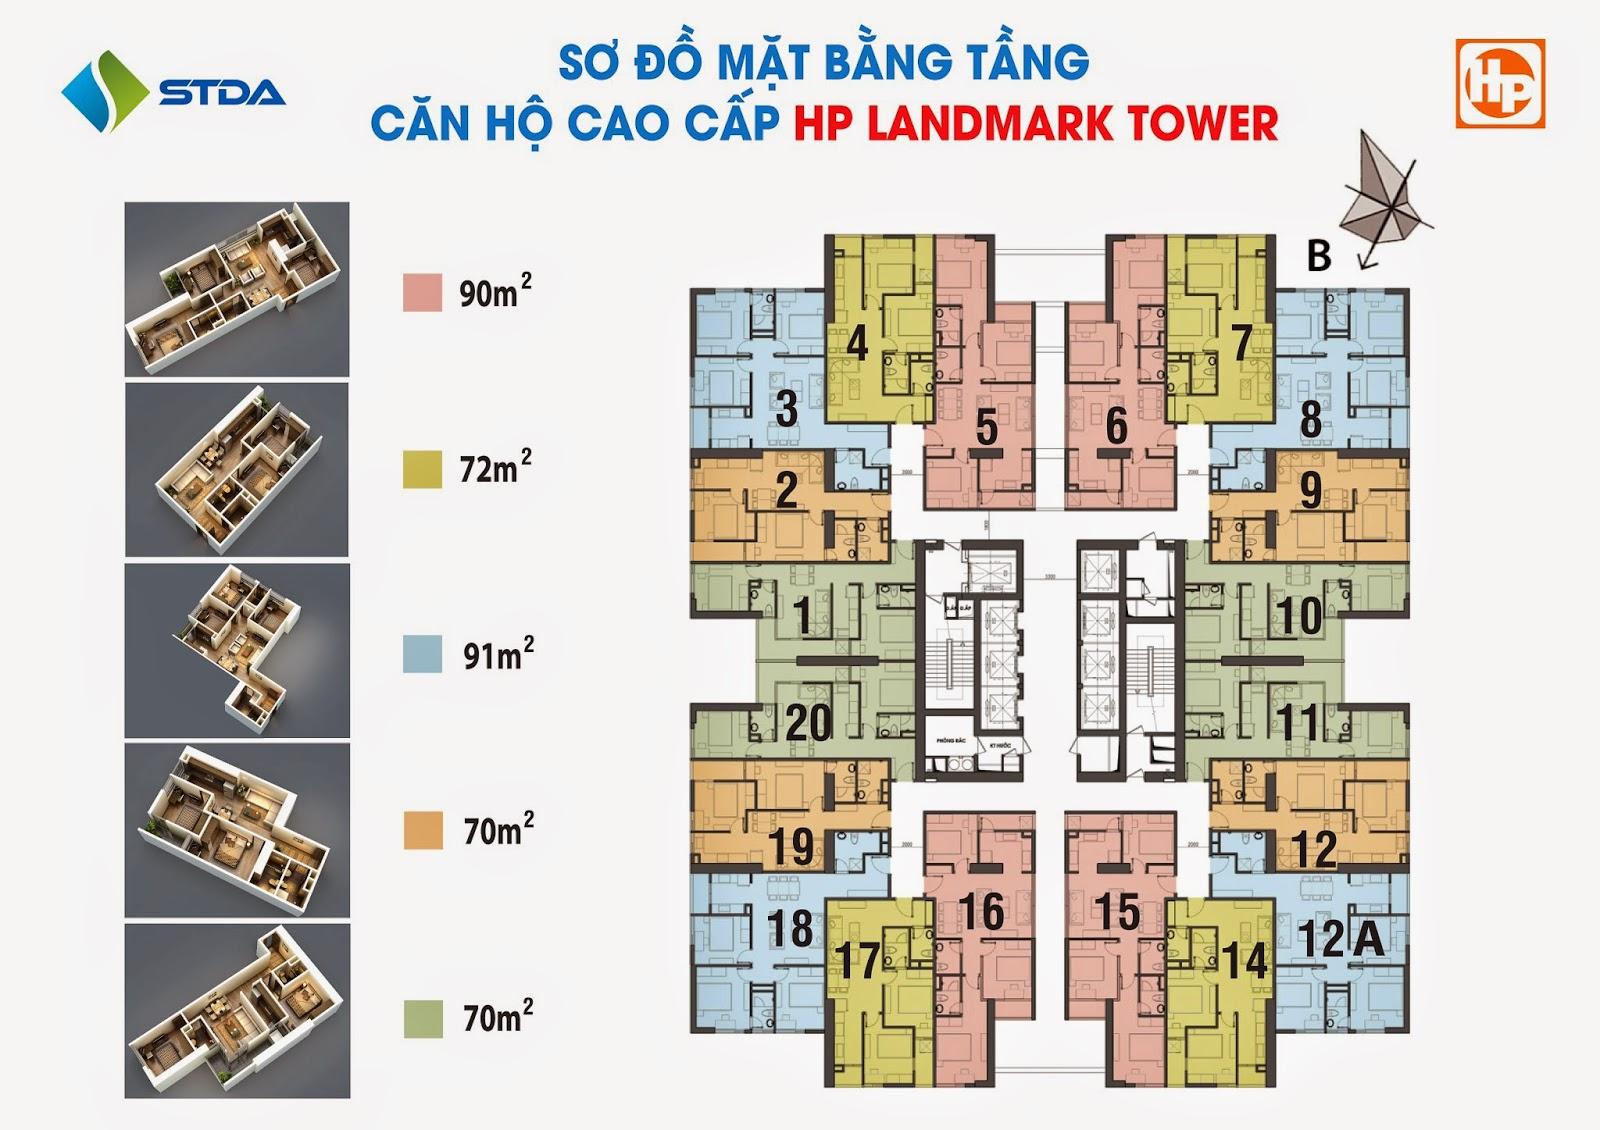 Mặt bằng sàn HP Landmark Tower